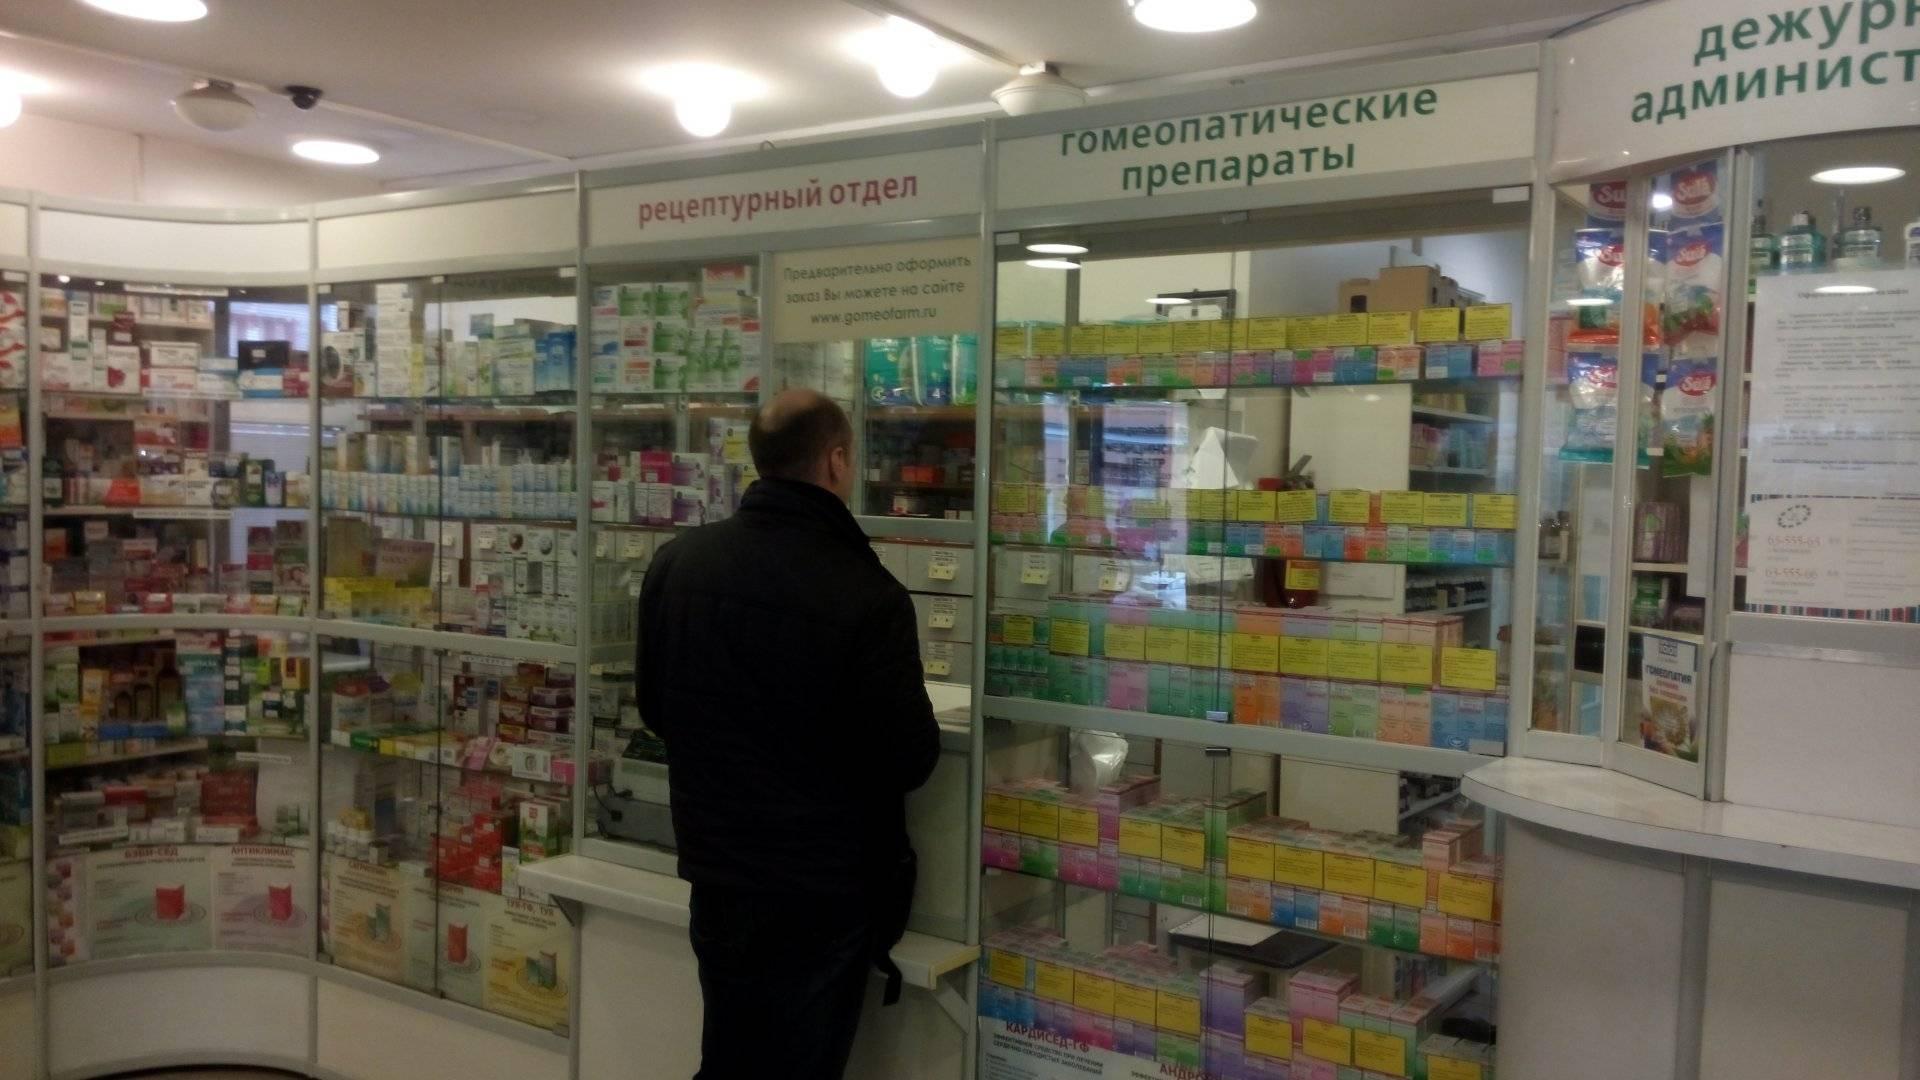 Зарубежные гомеопатические интернет-аптеки с доставкой в россию